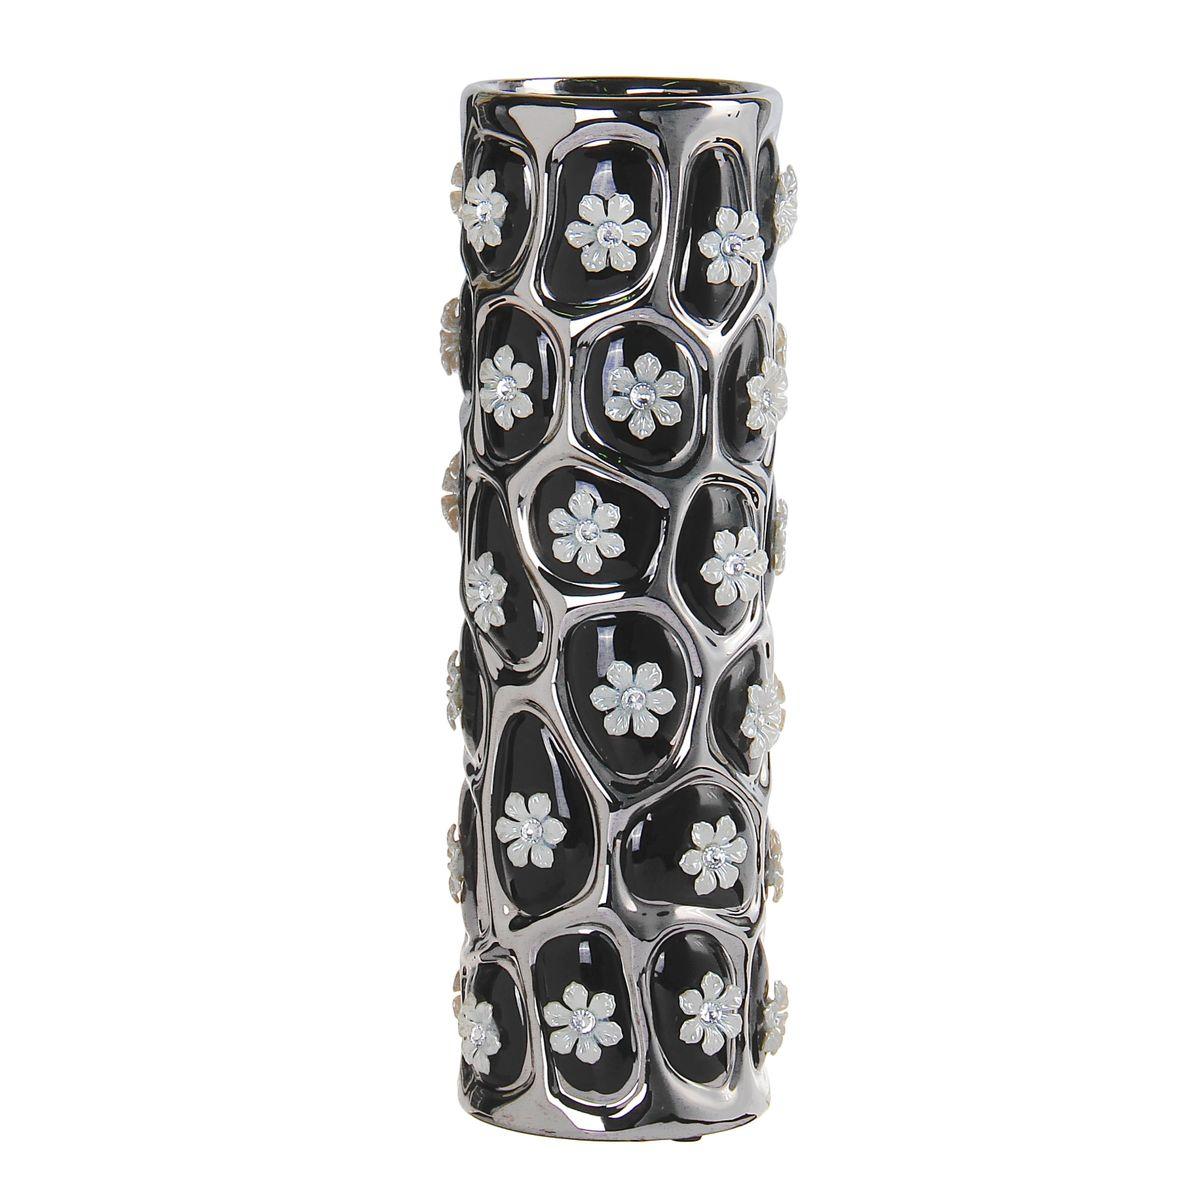 Ваза керамика цветочный орнамент 32*10*10 см черная 866190866190Керамика